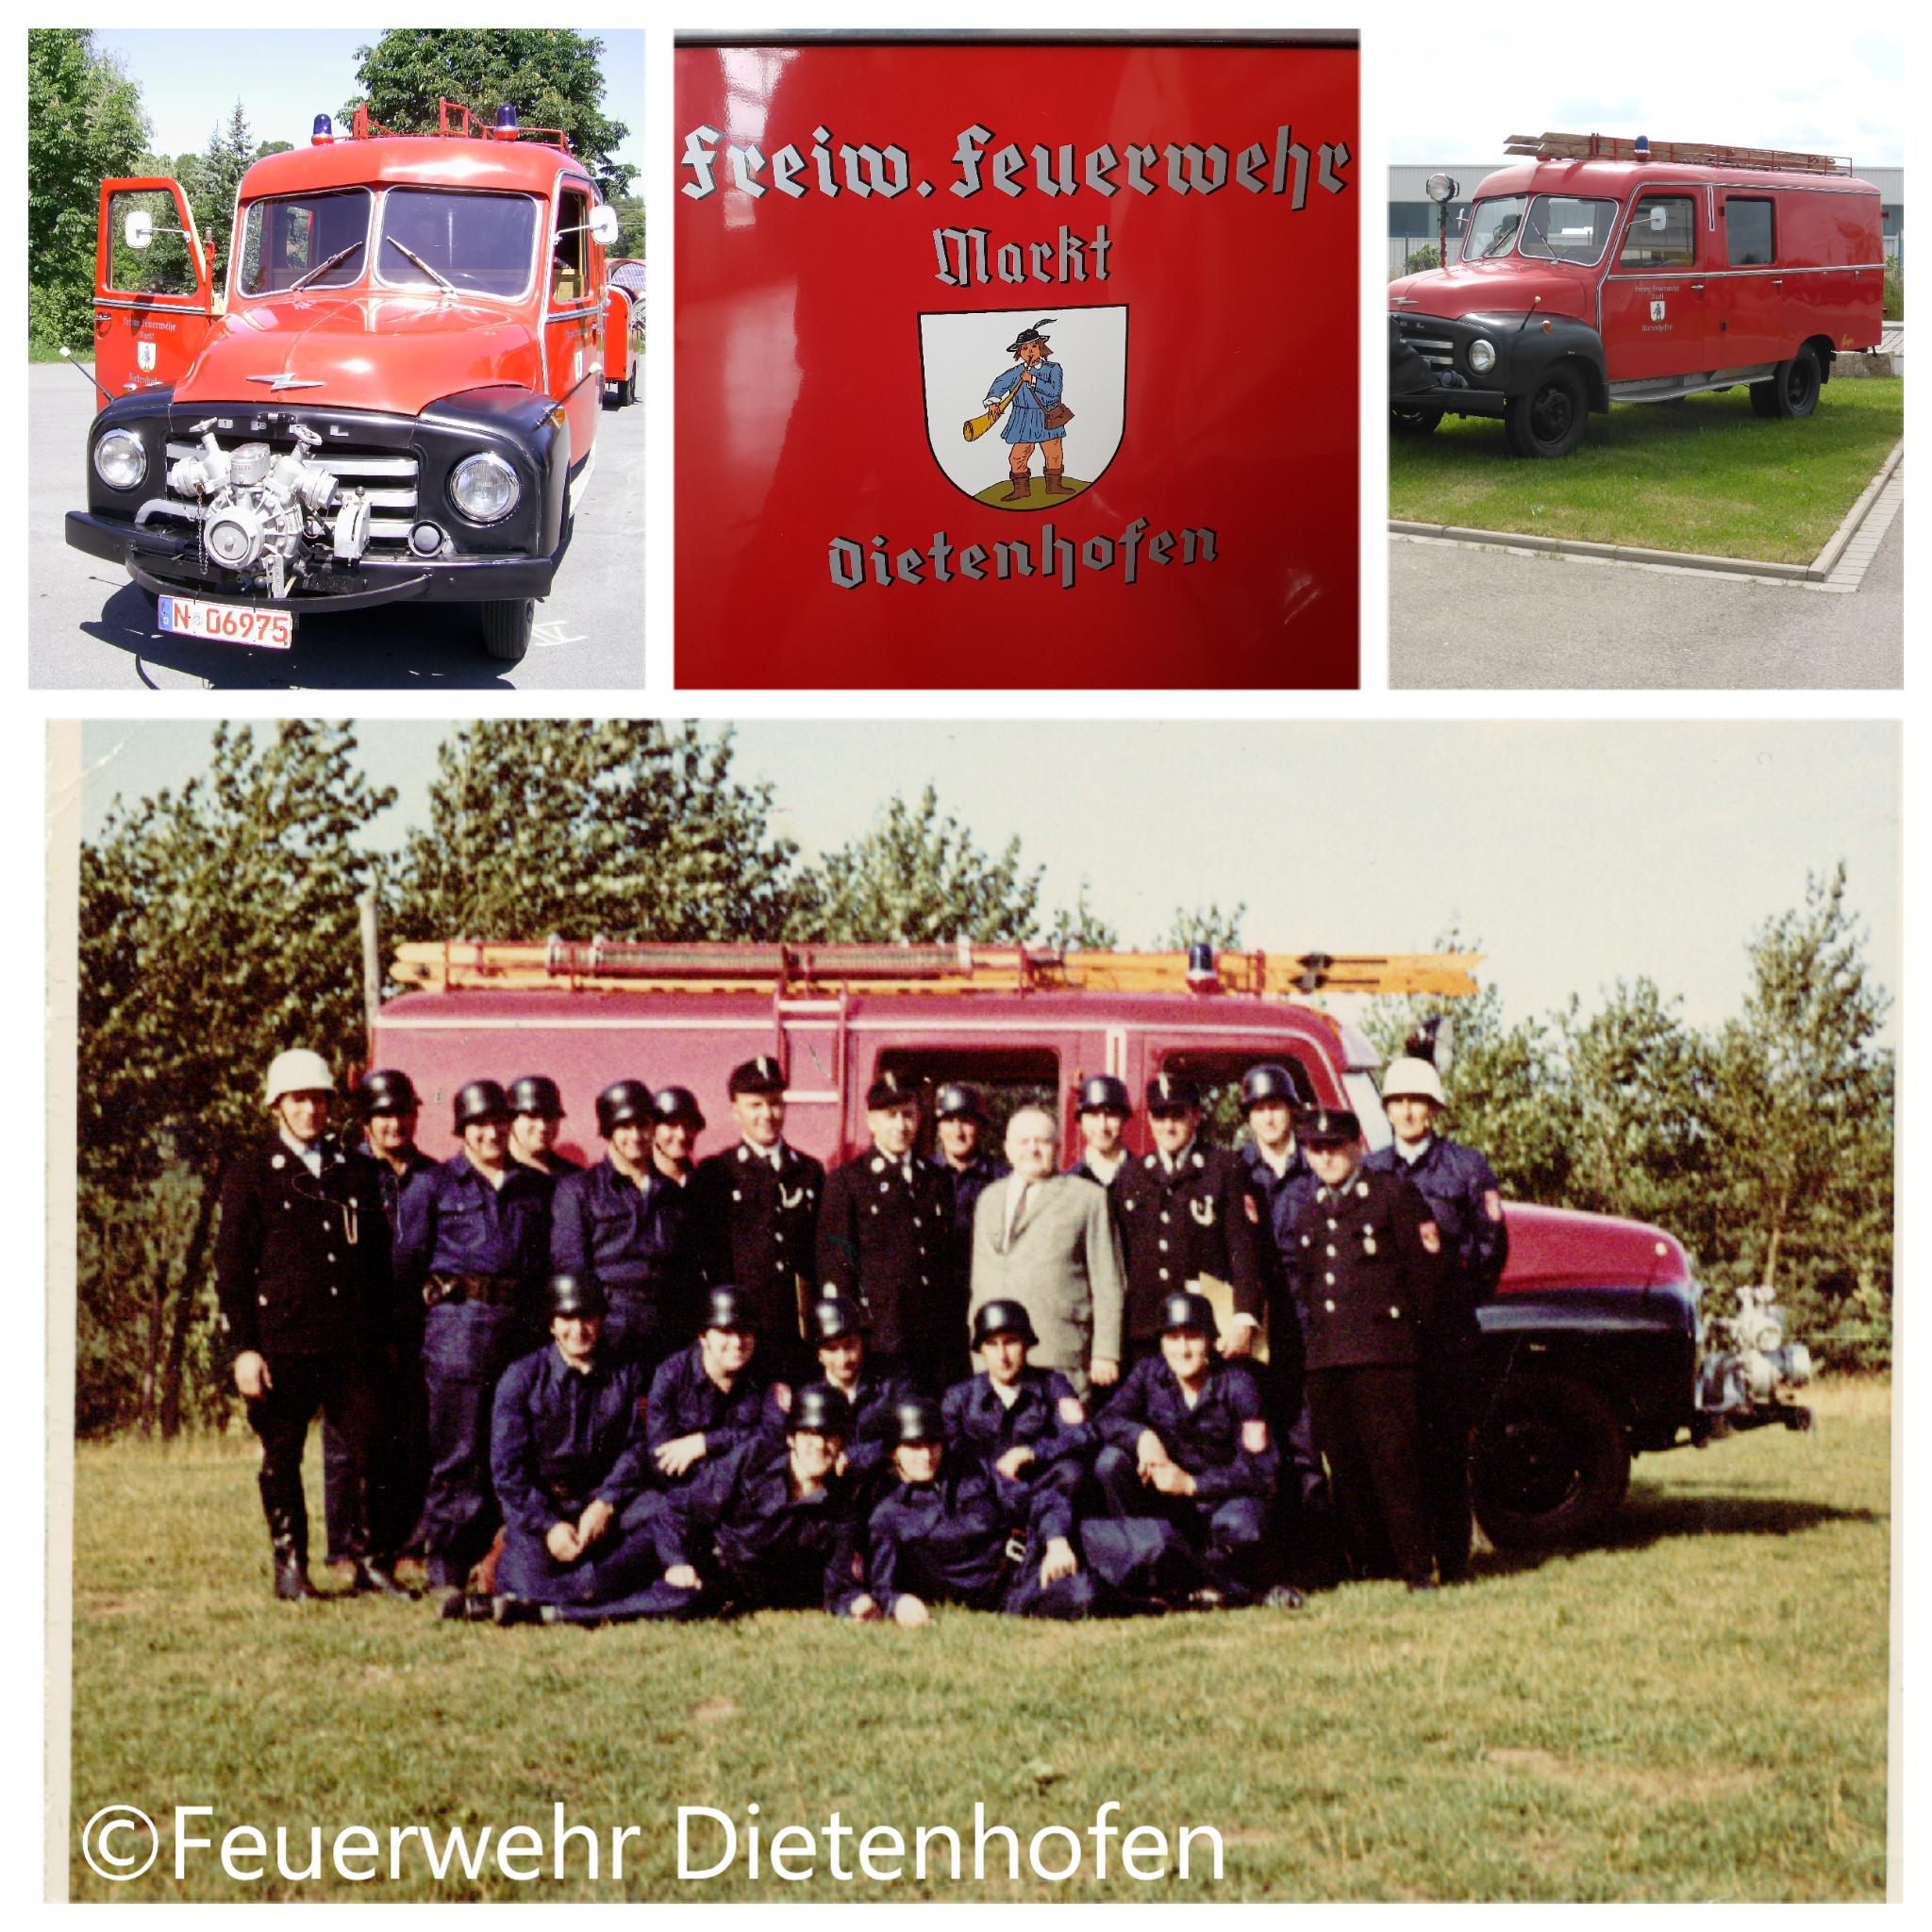 Die Feuerwehr Dietenhofen im Wandel der Zeit – Das erste Löschgruppenfahrzeug in Dietenhofen